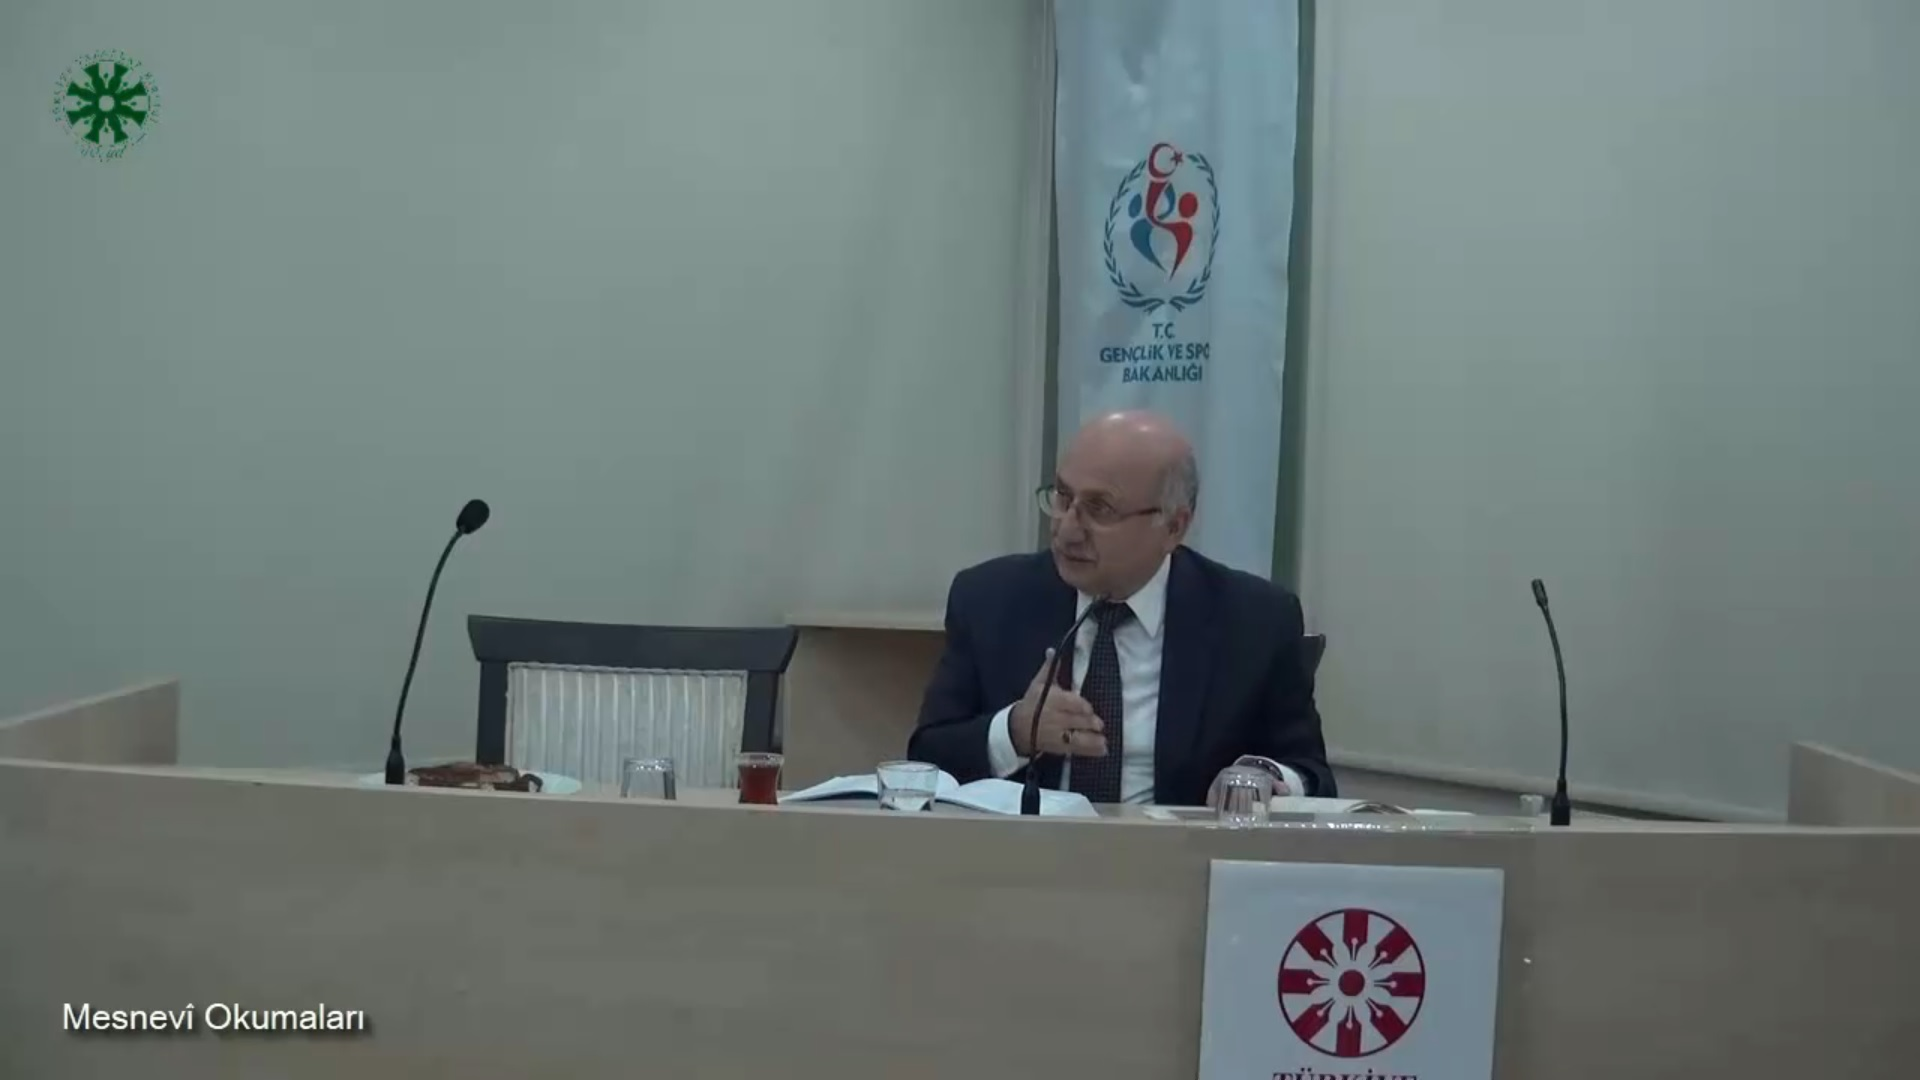 Mesnevî Okumaları -42- Prof. Dr. Adnan Karaismailoğlu